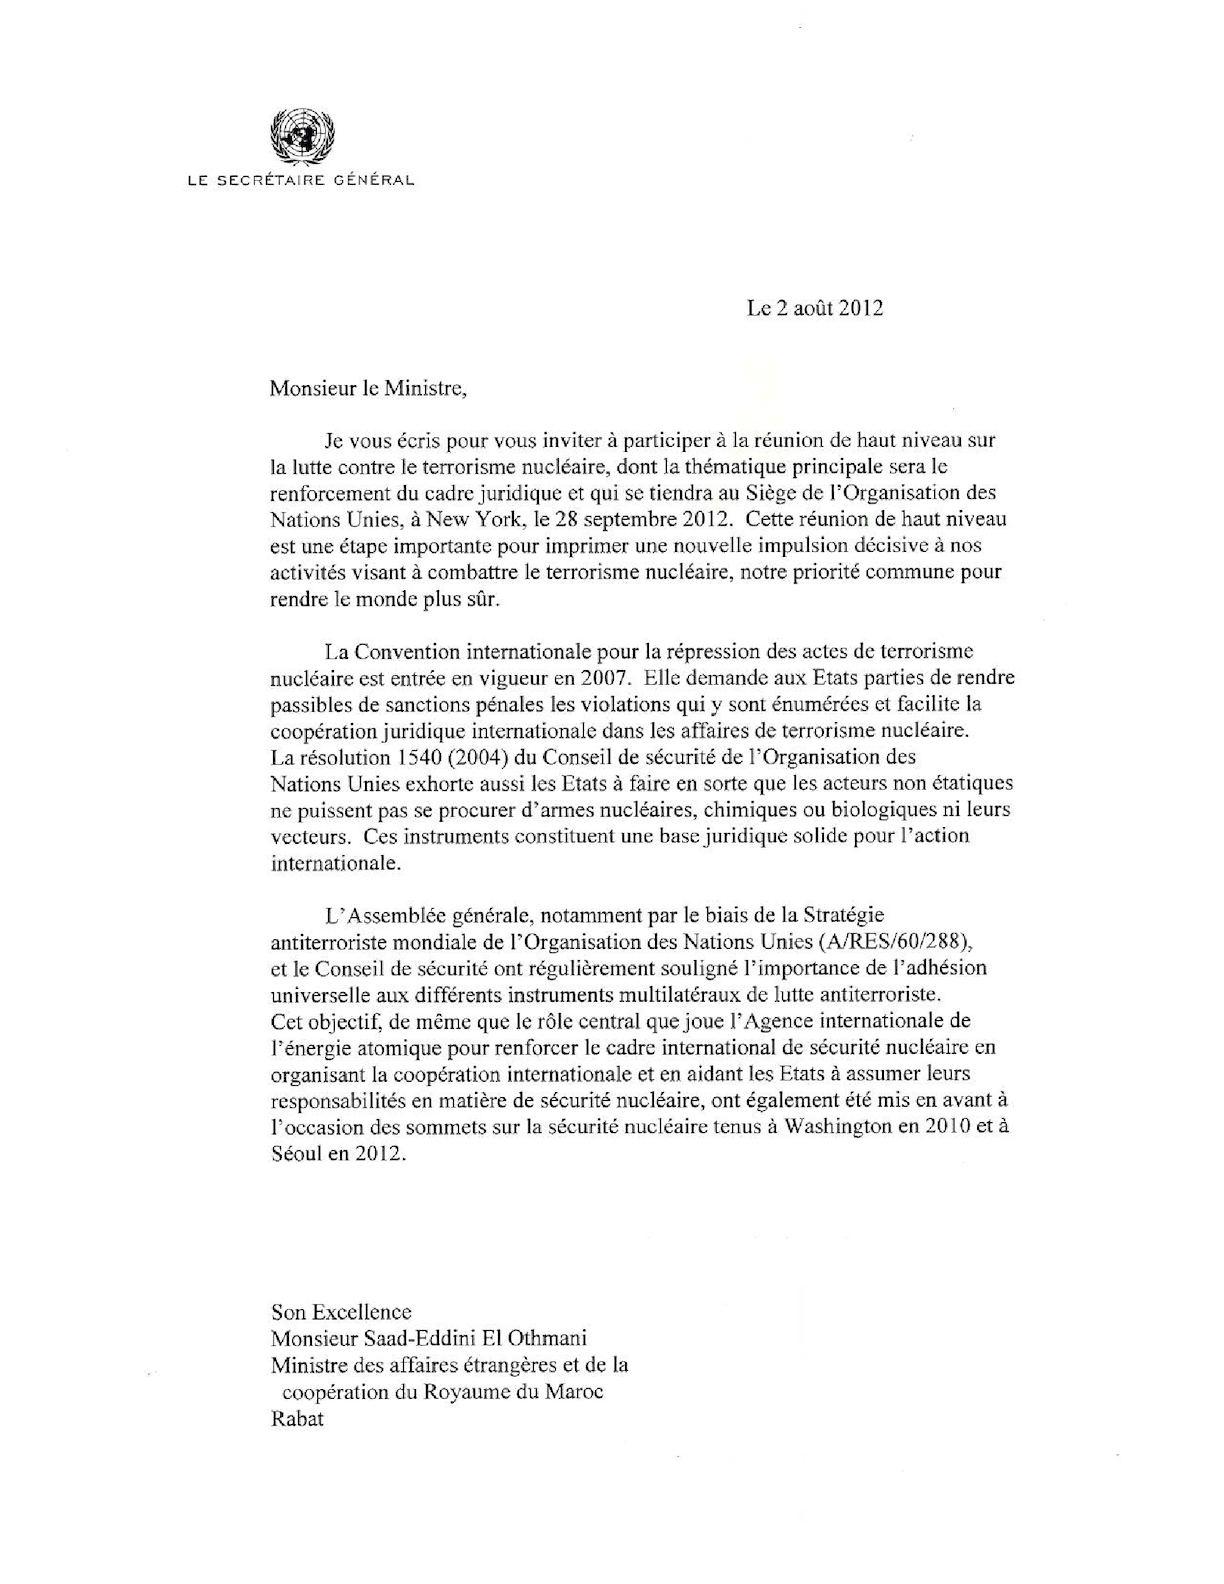 Invitation To H E Mr El Othmani Copy